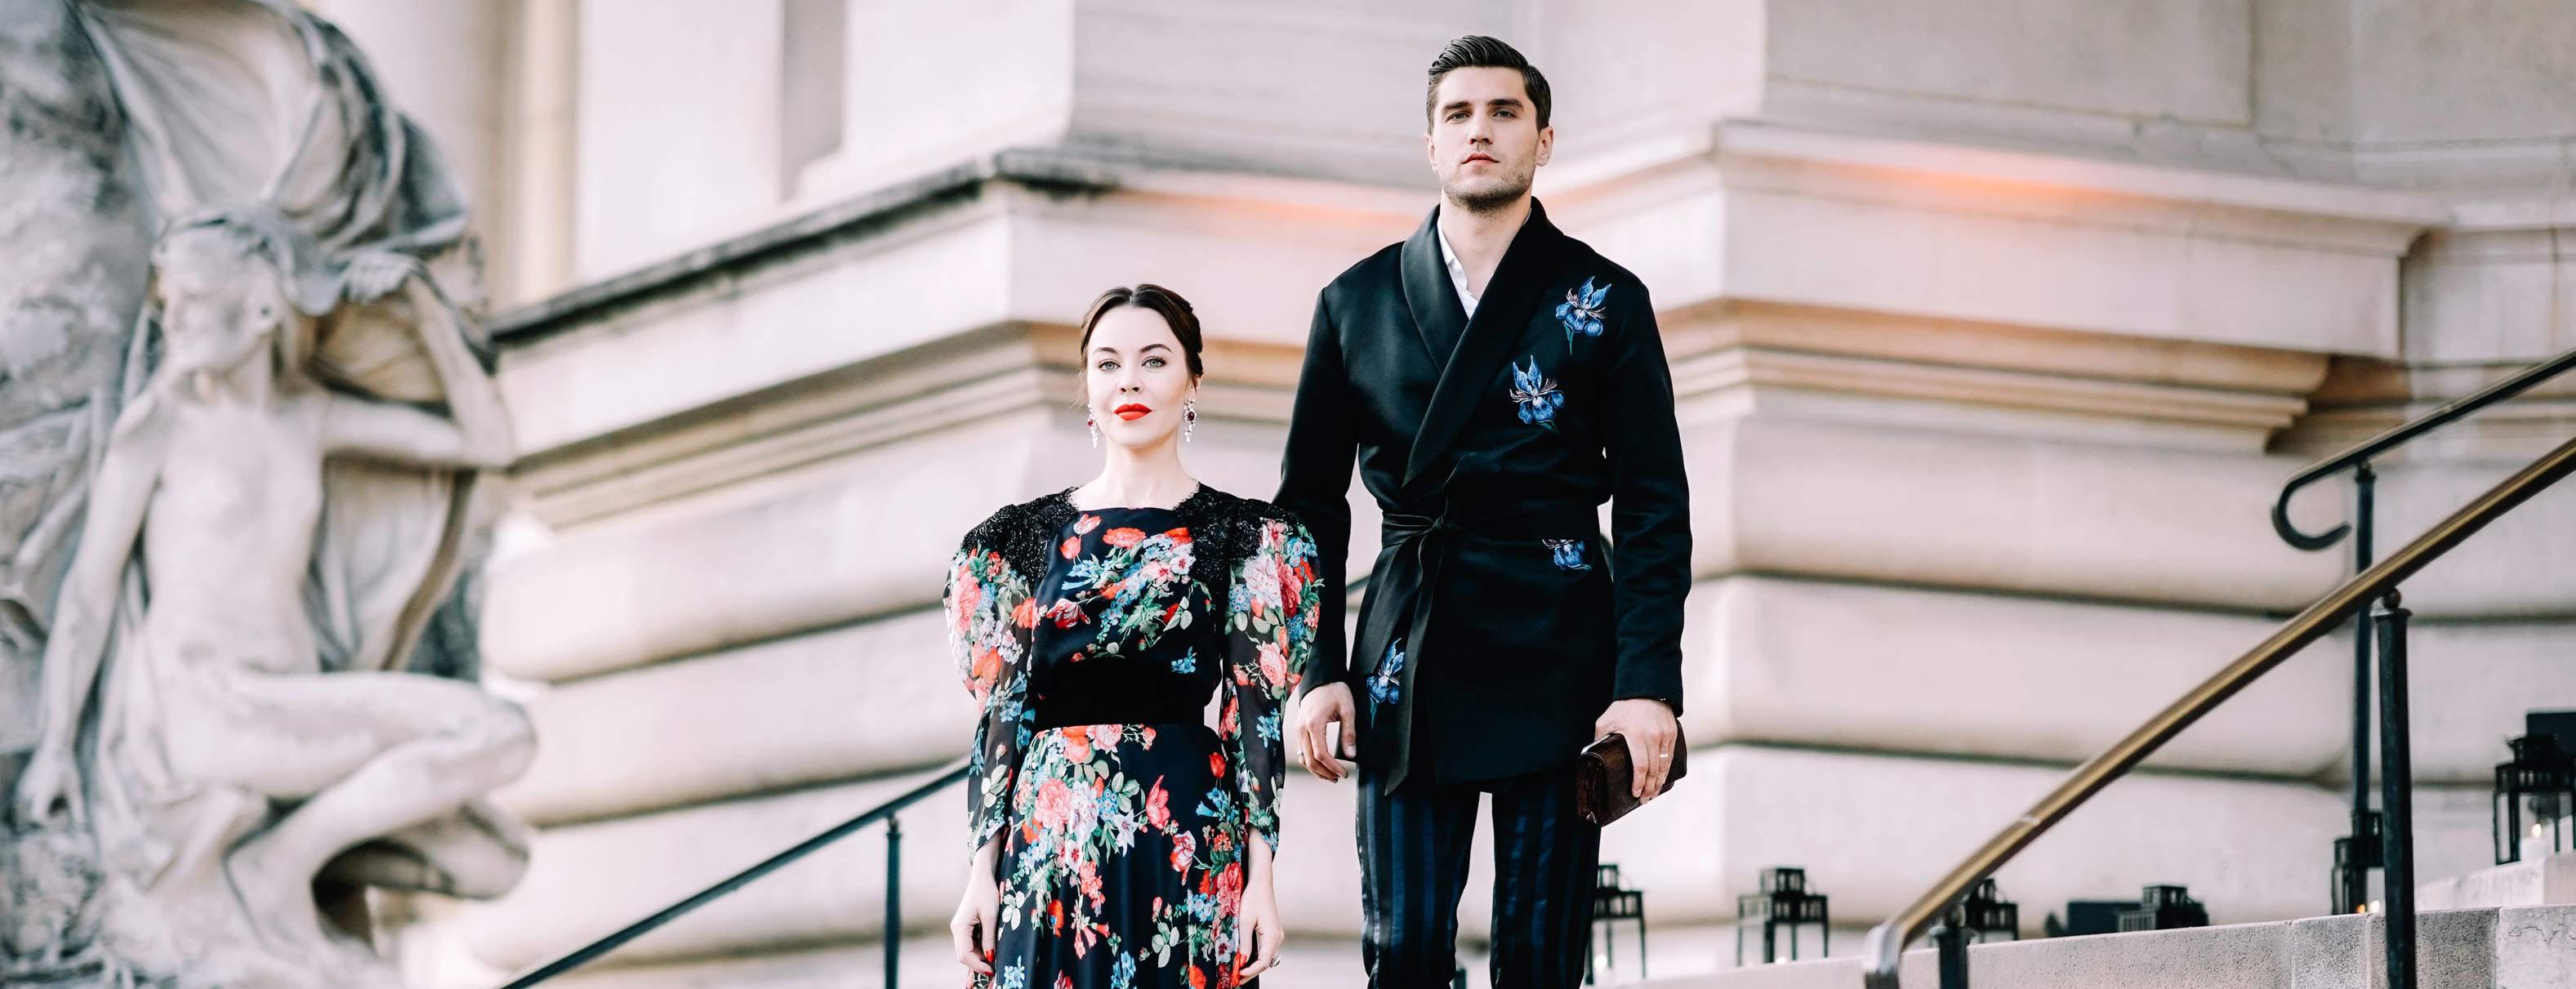 Ulyana Sergeenko is Leading Russian Style